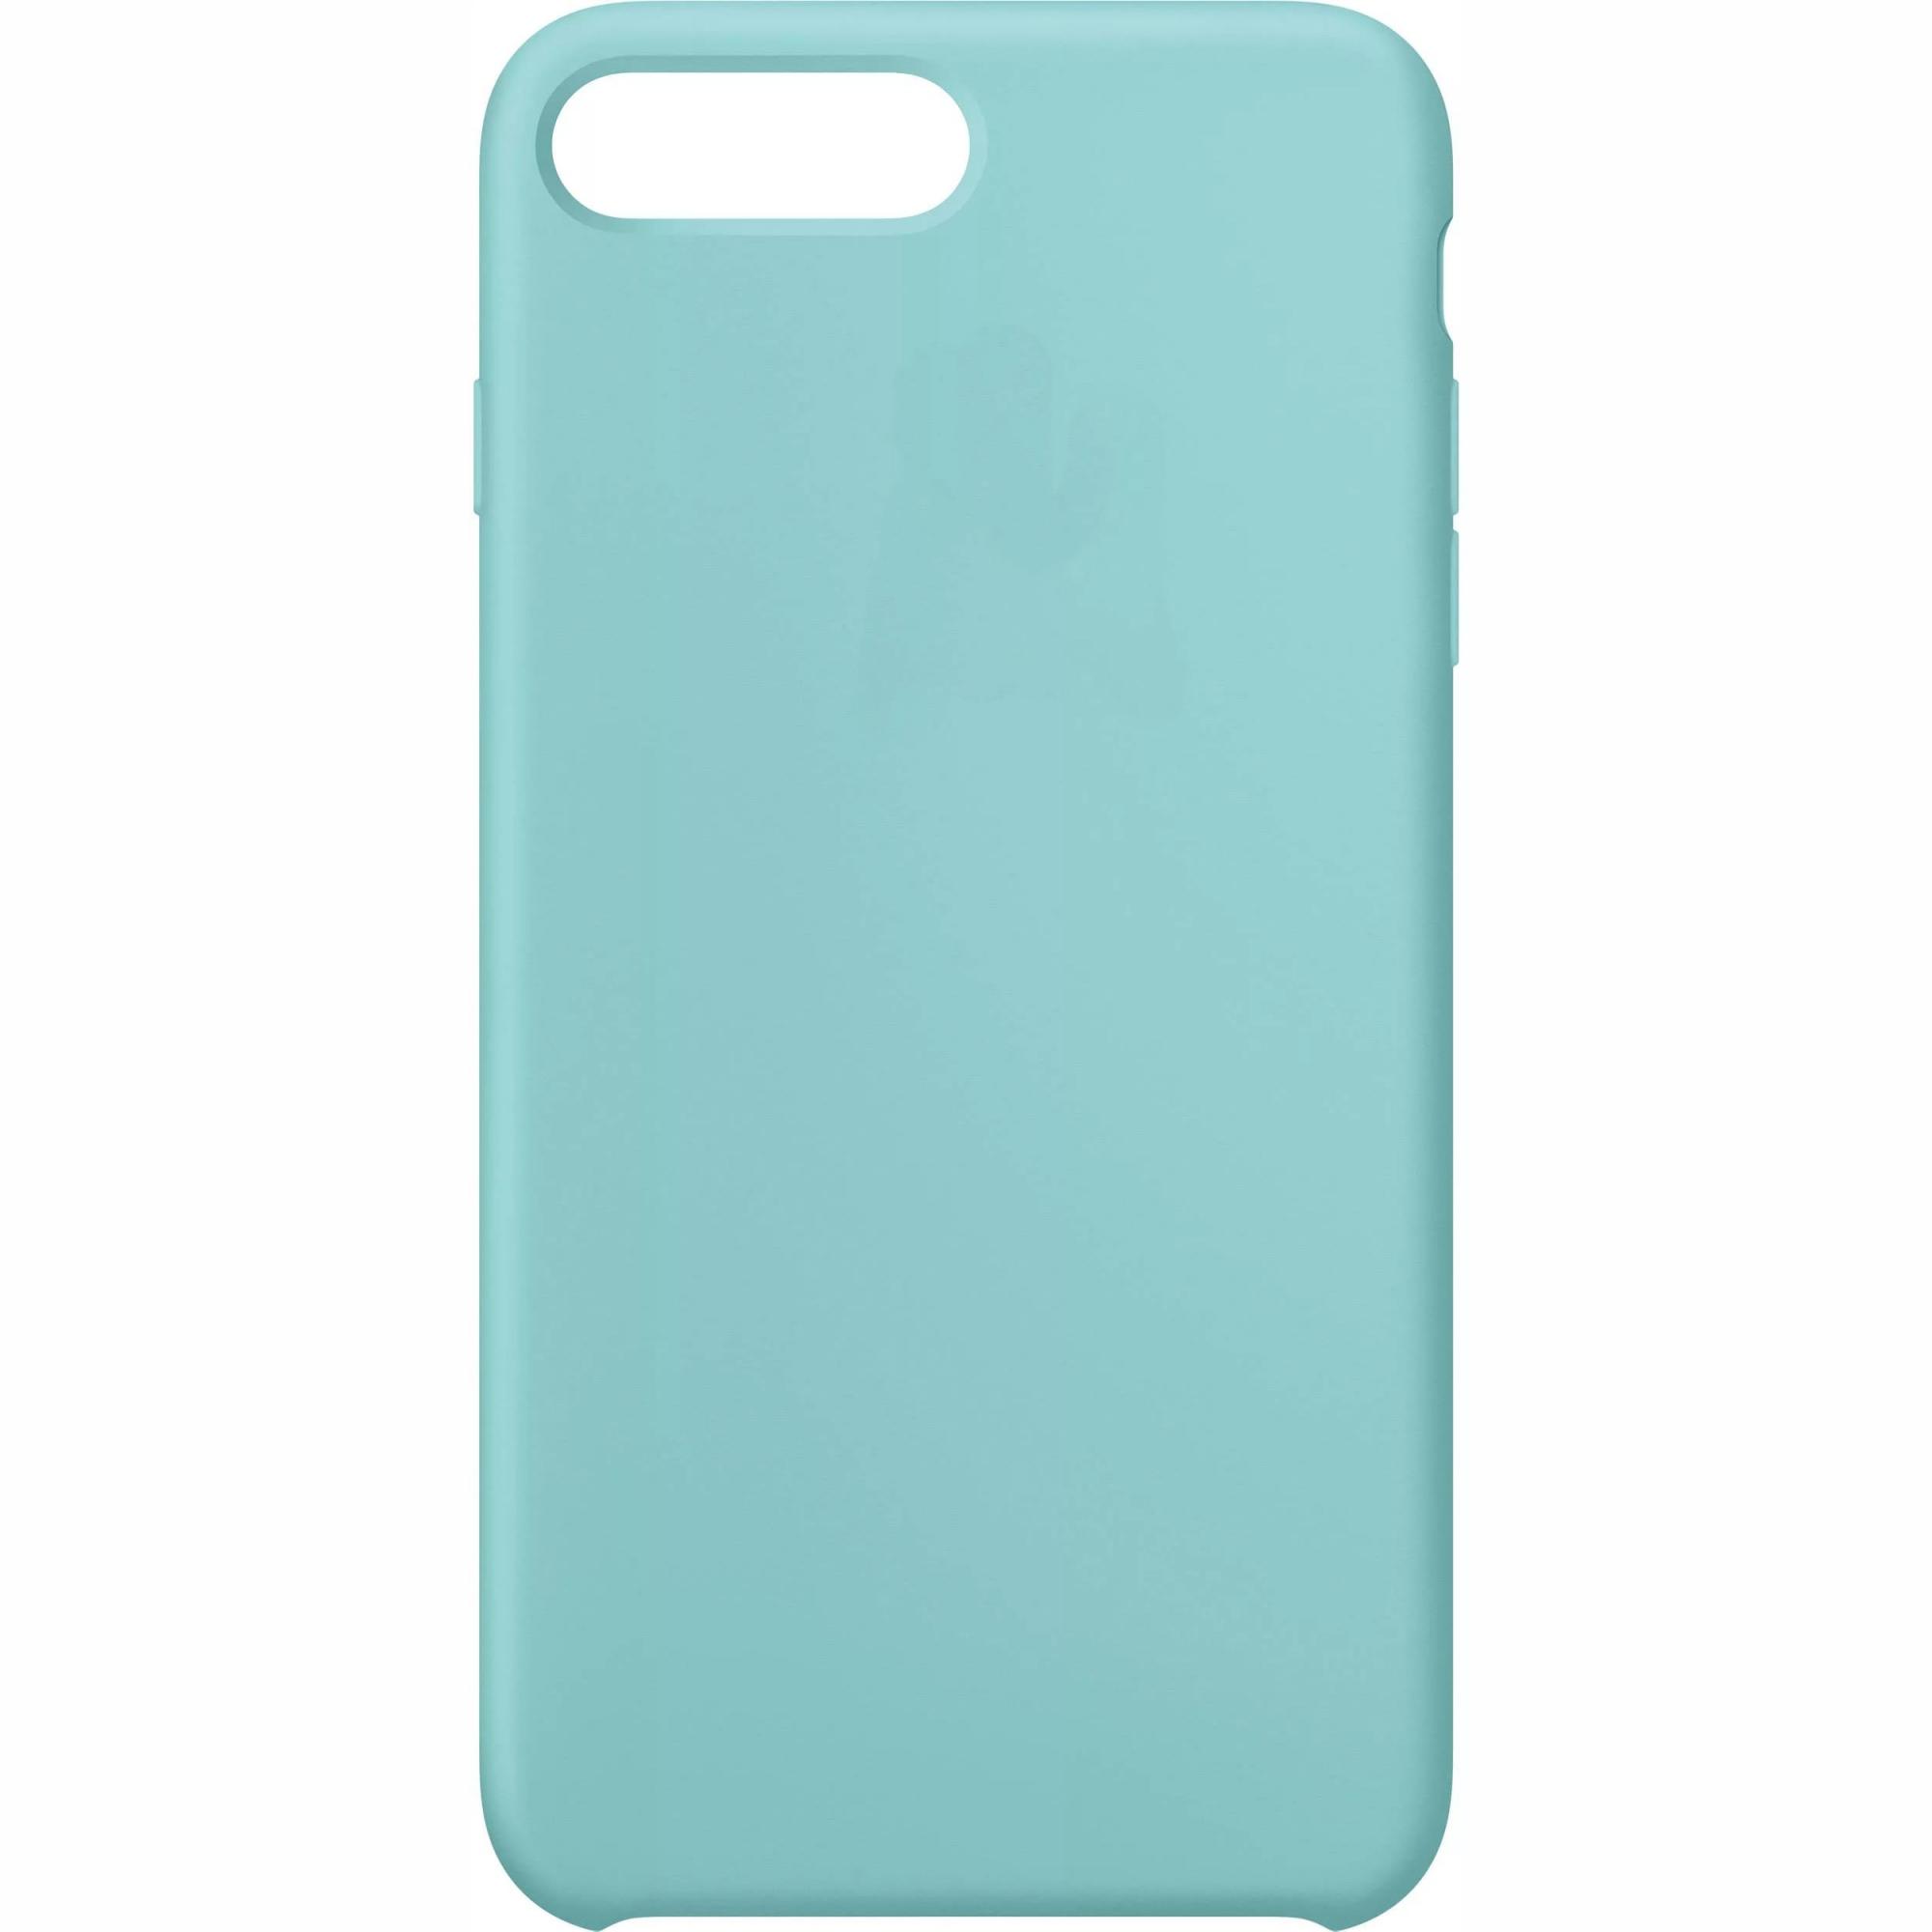 Чехол клип-кейс силиконовый Apple Silicone Case для iPhone 7 Plus/8 Plus (реплика, голубой)